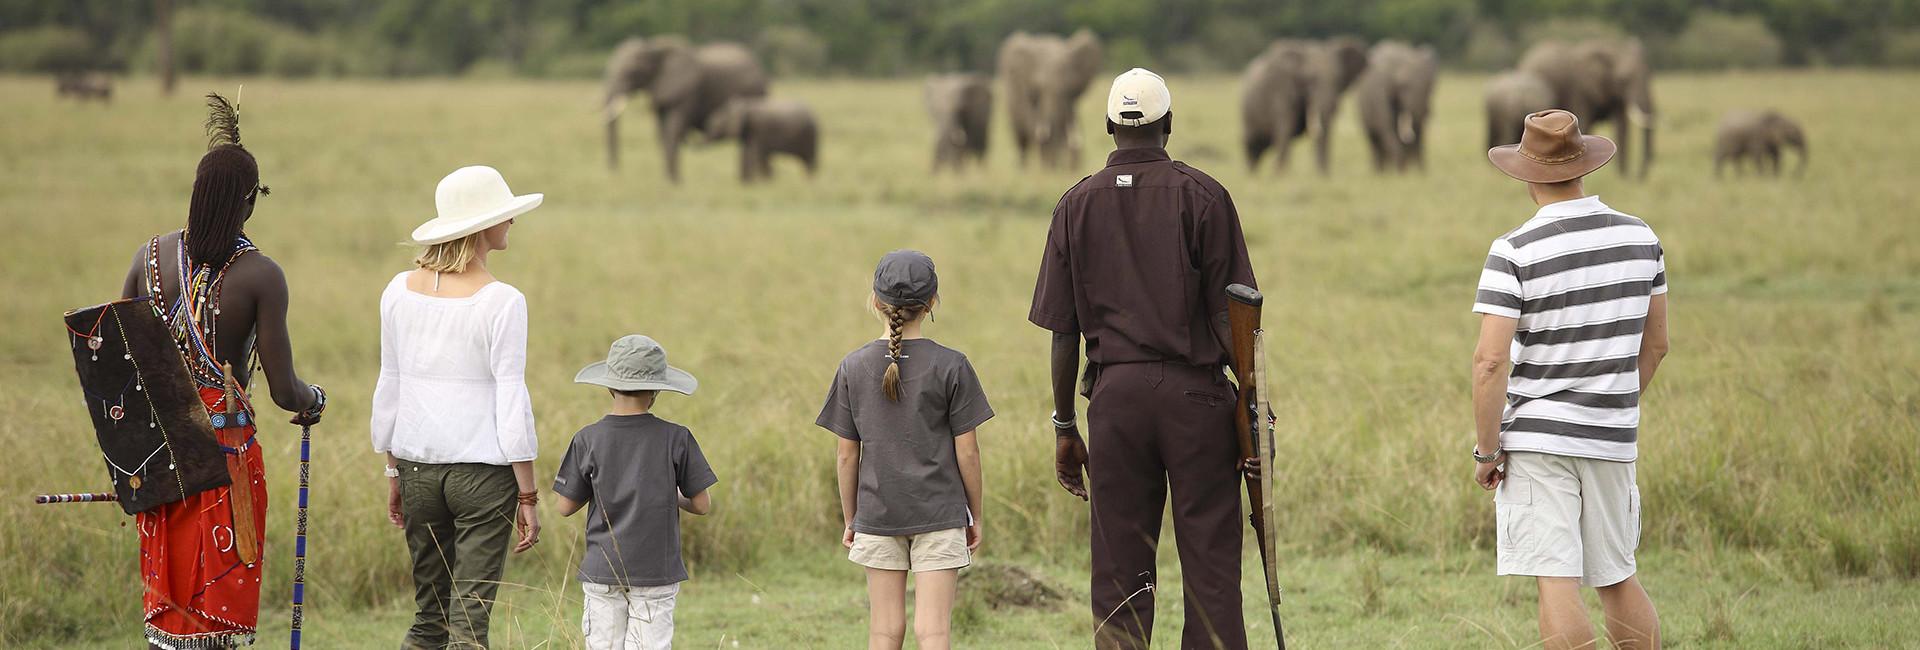 Bateleur Camp Masaai Mara Kenya Safari Tour